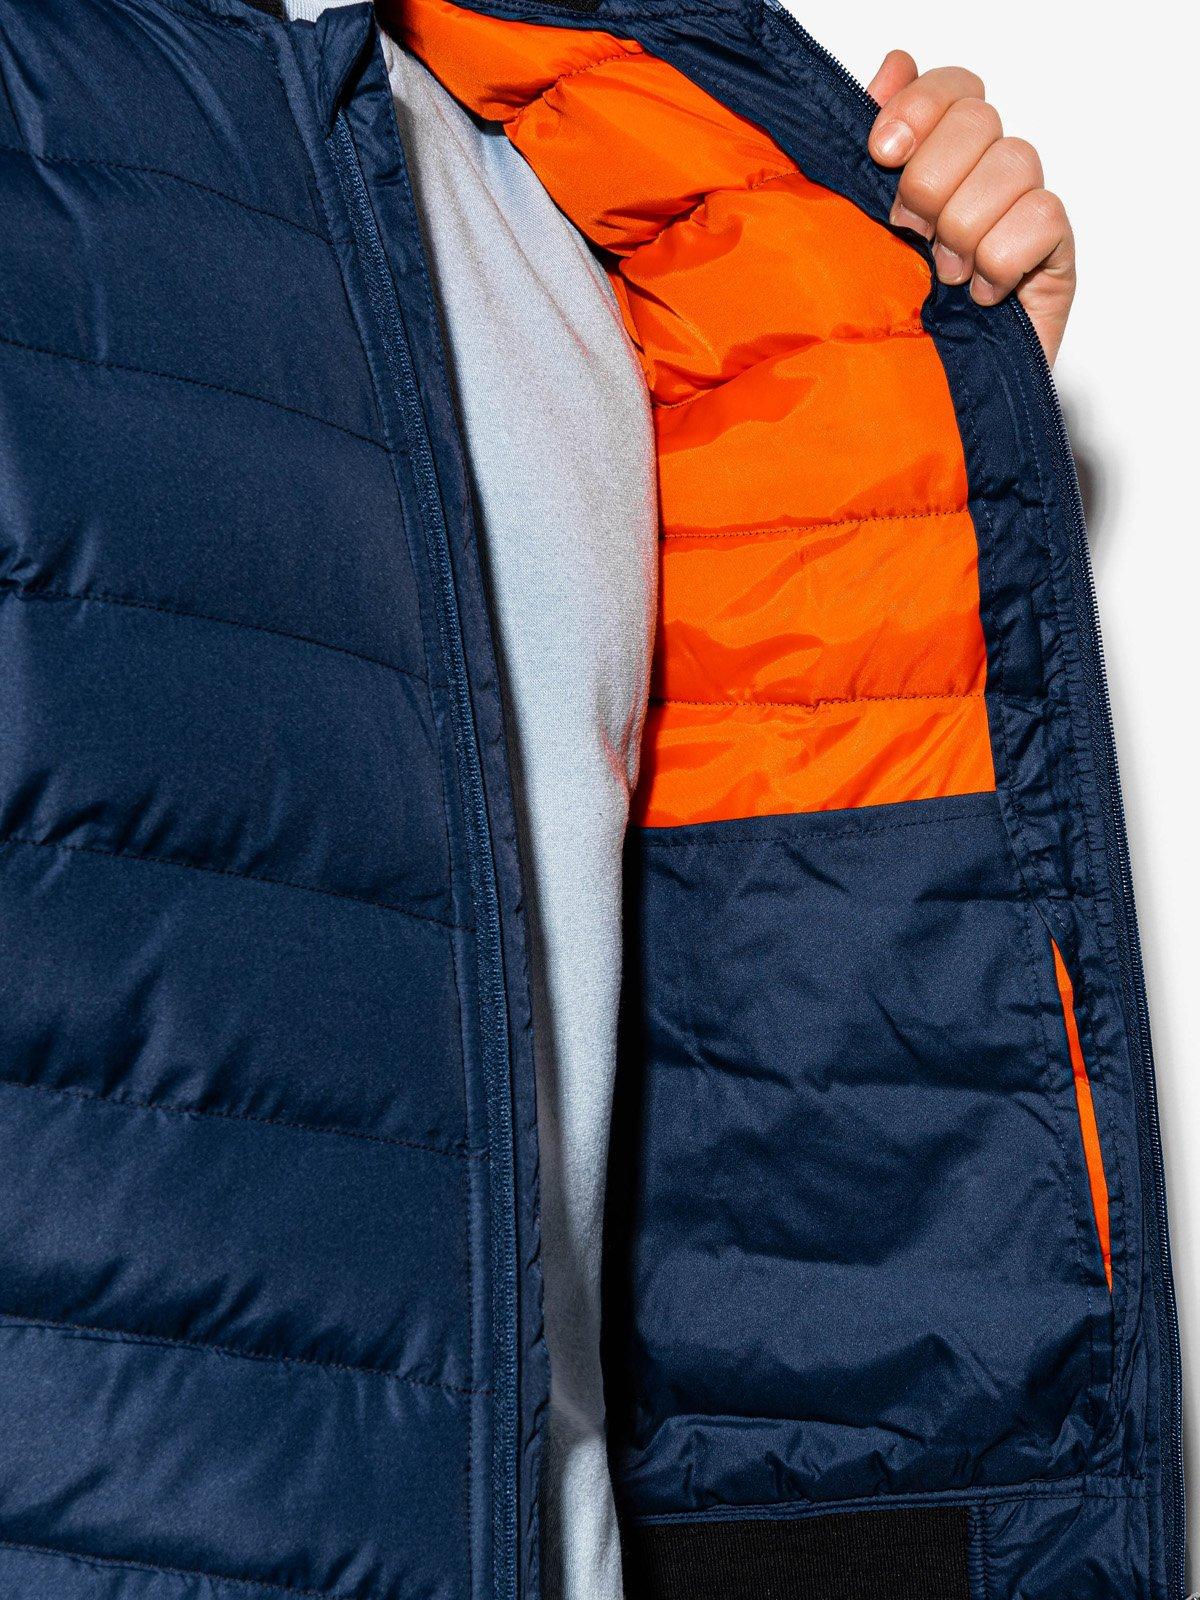 Купить со скидкой Чоловіча стьобана повсякденна куртка C416 - темно-синя